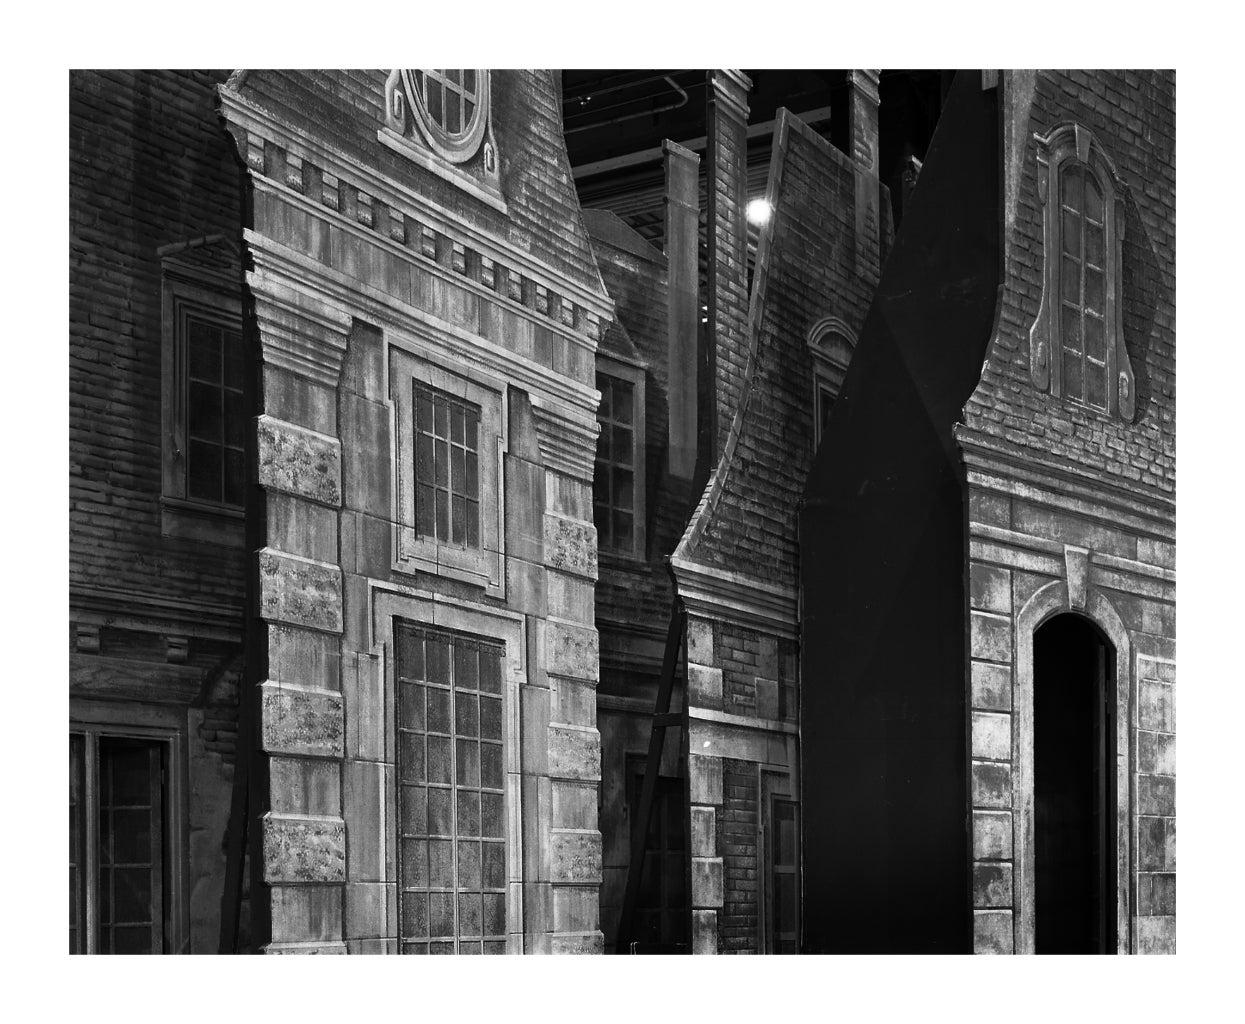 Manon Building Façade